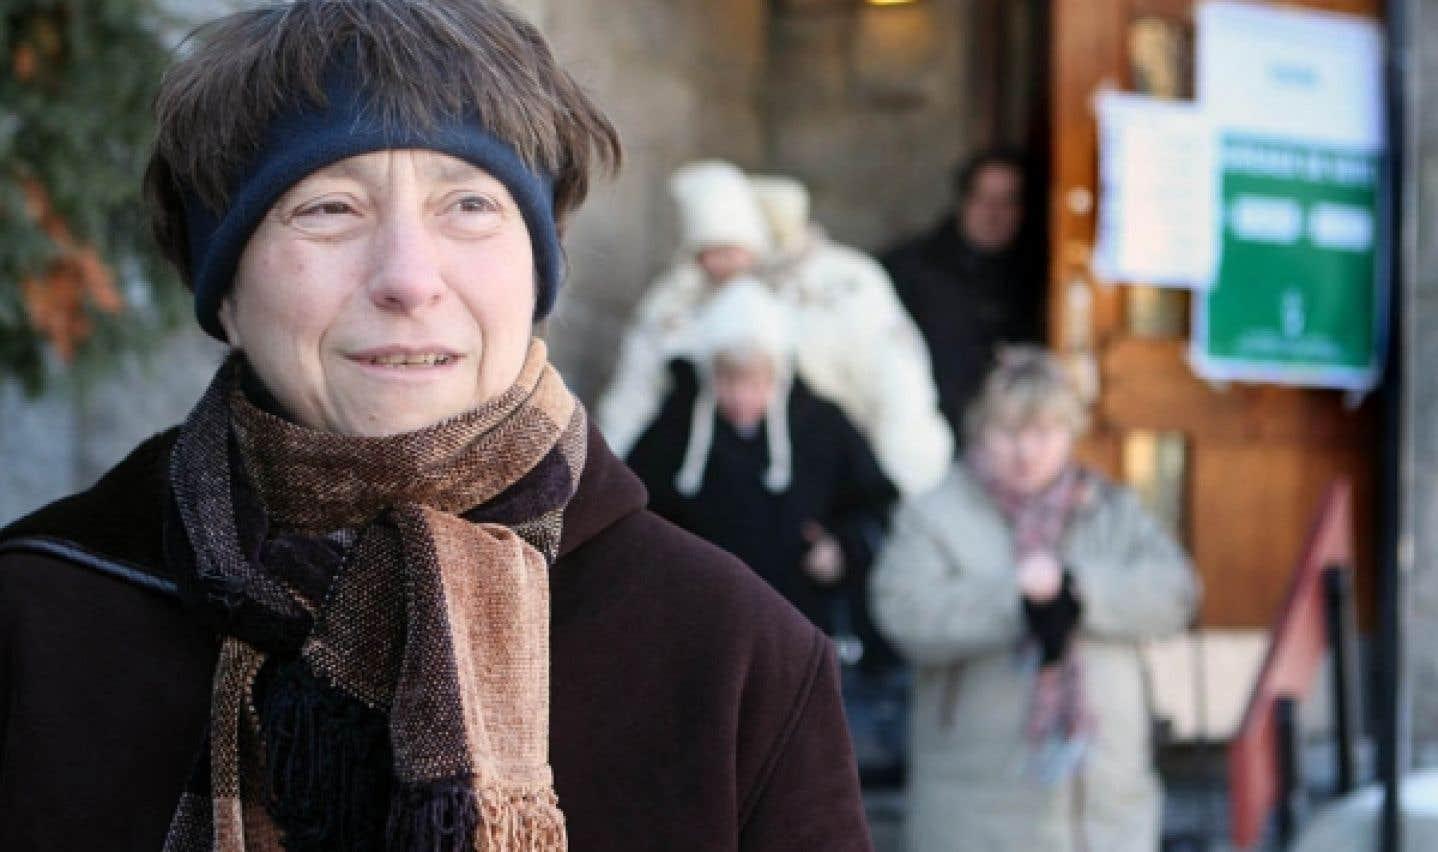 Un Québec indépendant et laïque, en toute solidarité